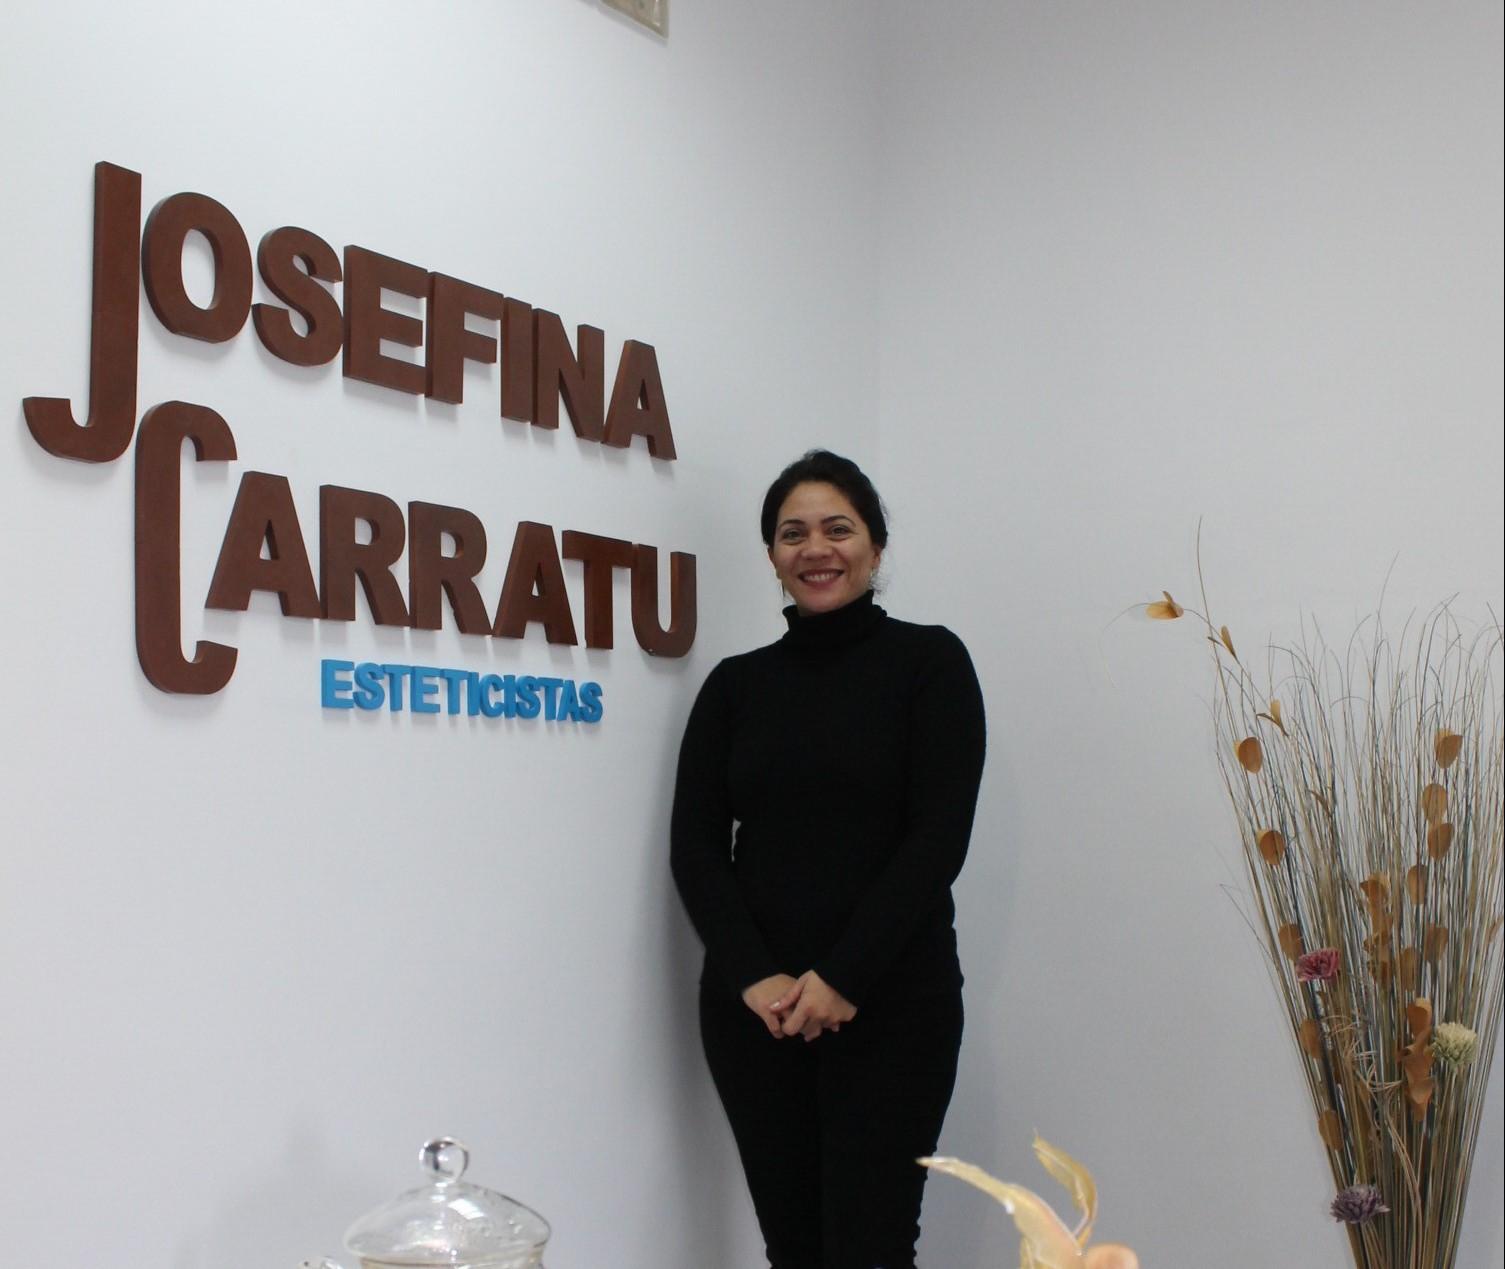 El Centro de Estética Josefina Carratú abre sus puertas en Manzanares